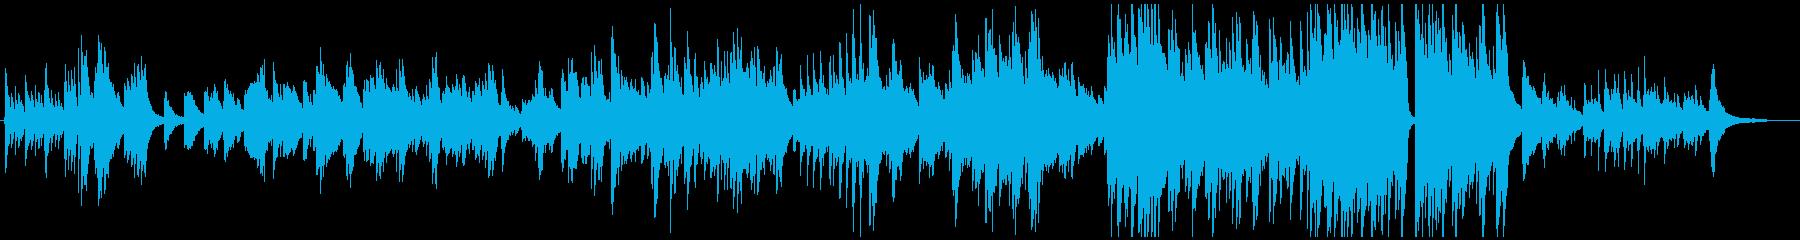 ふるさと(故郷)ピアノのみ_カラオケの再生済みの波形